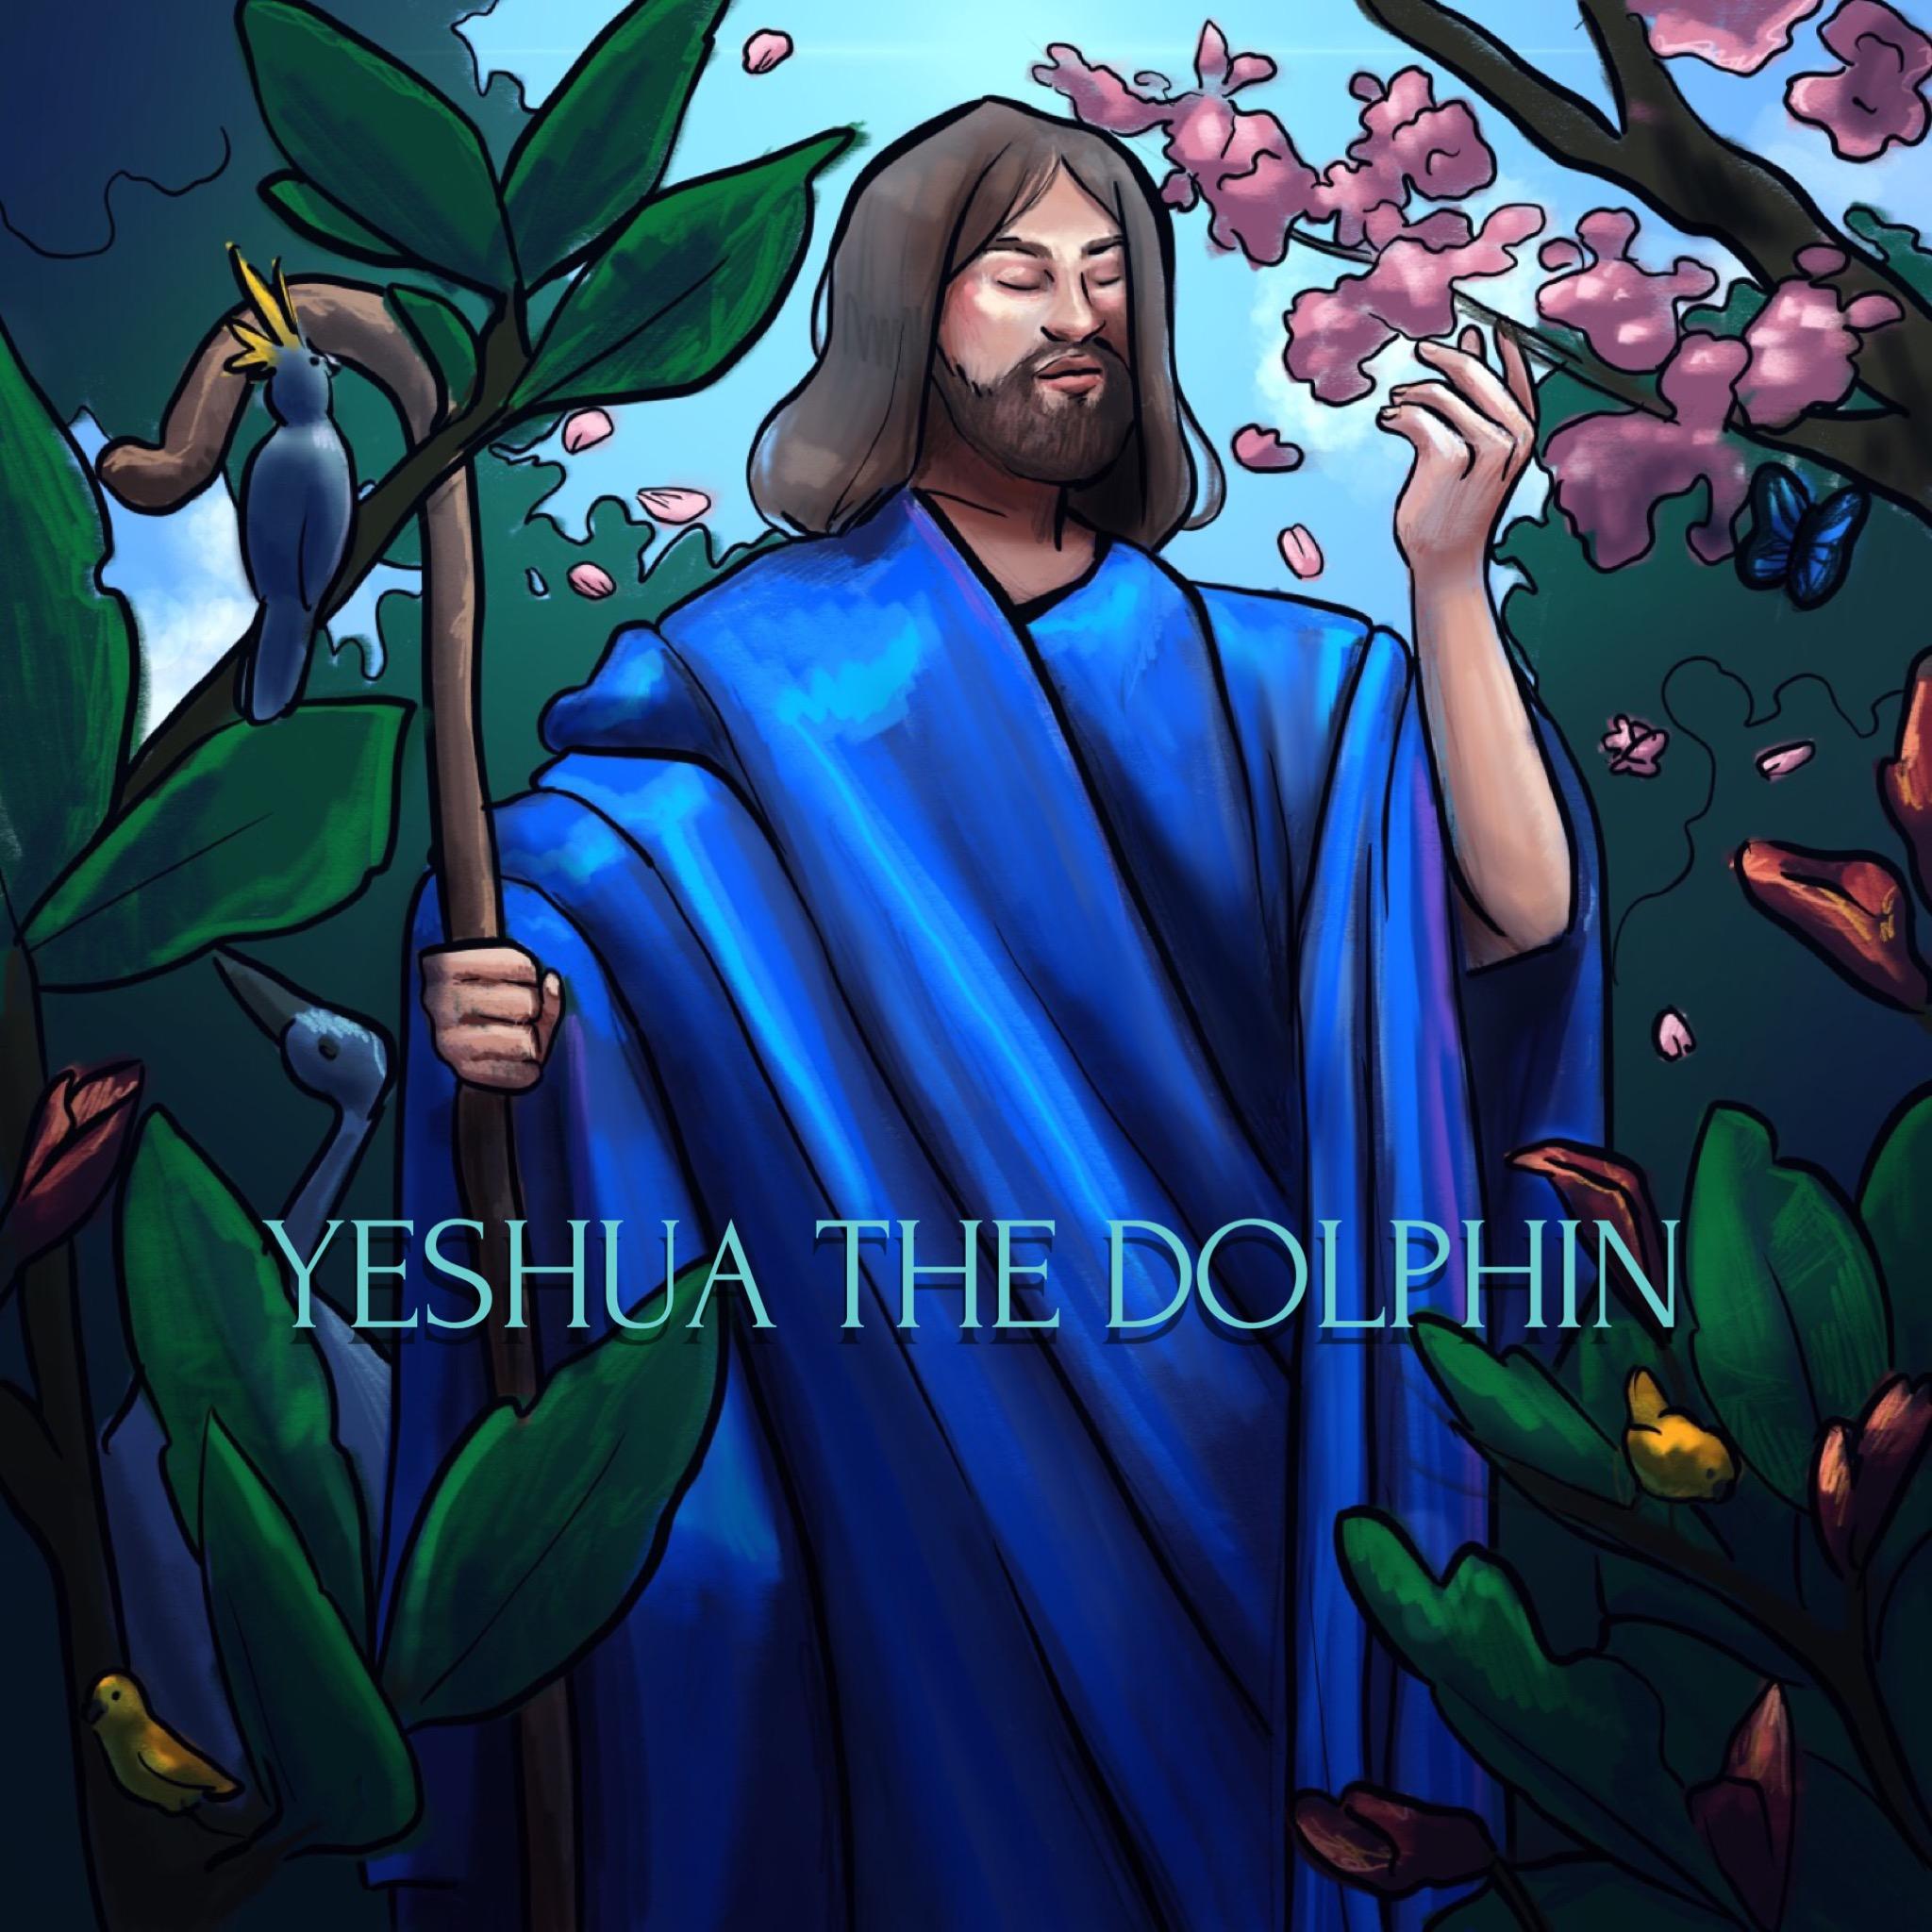 YeshuaTheDolphin.JPG